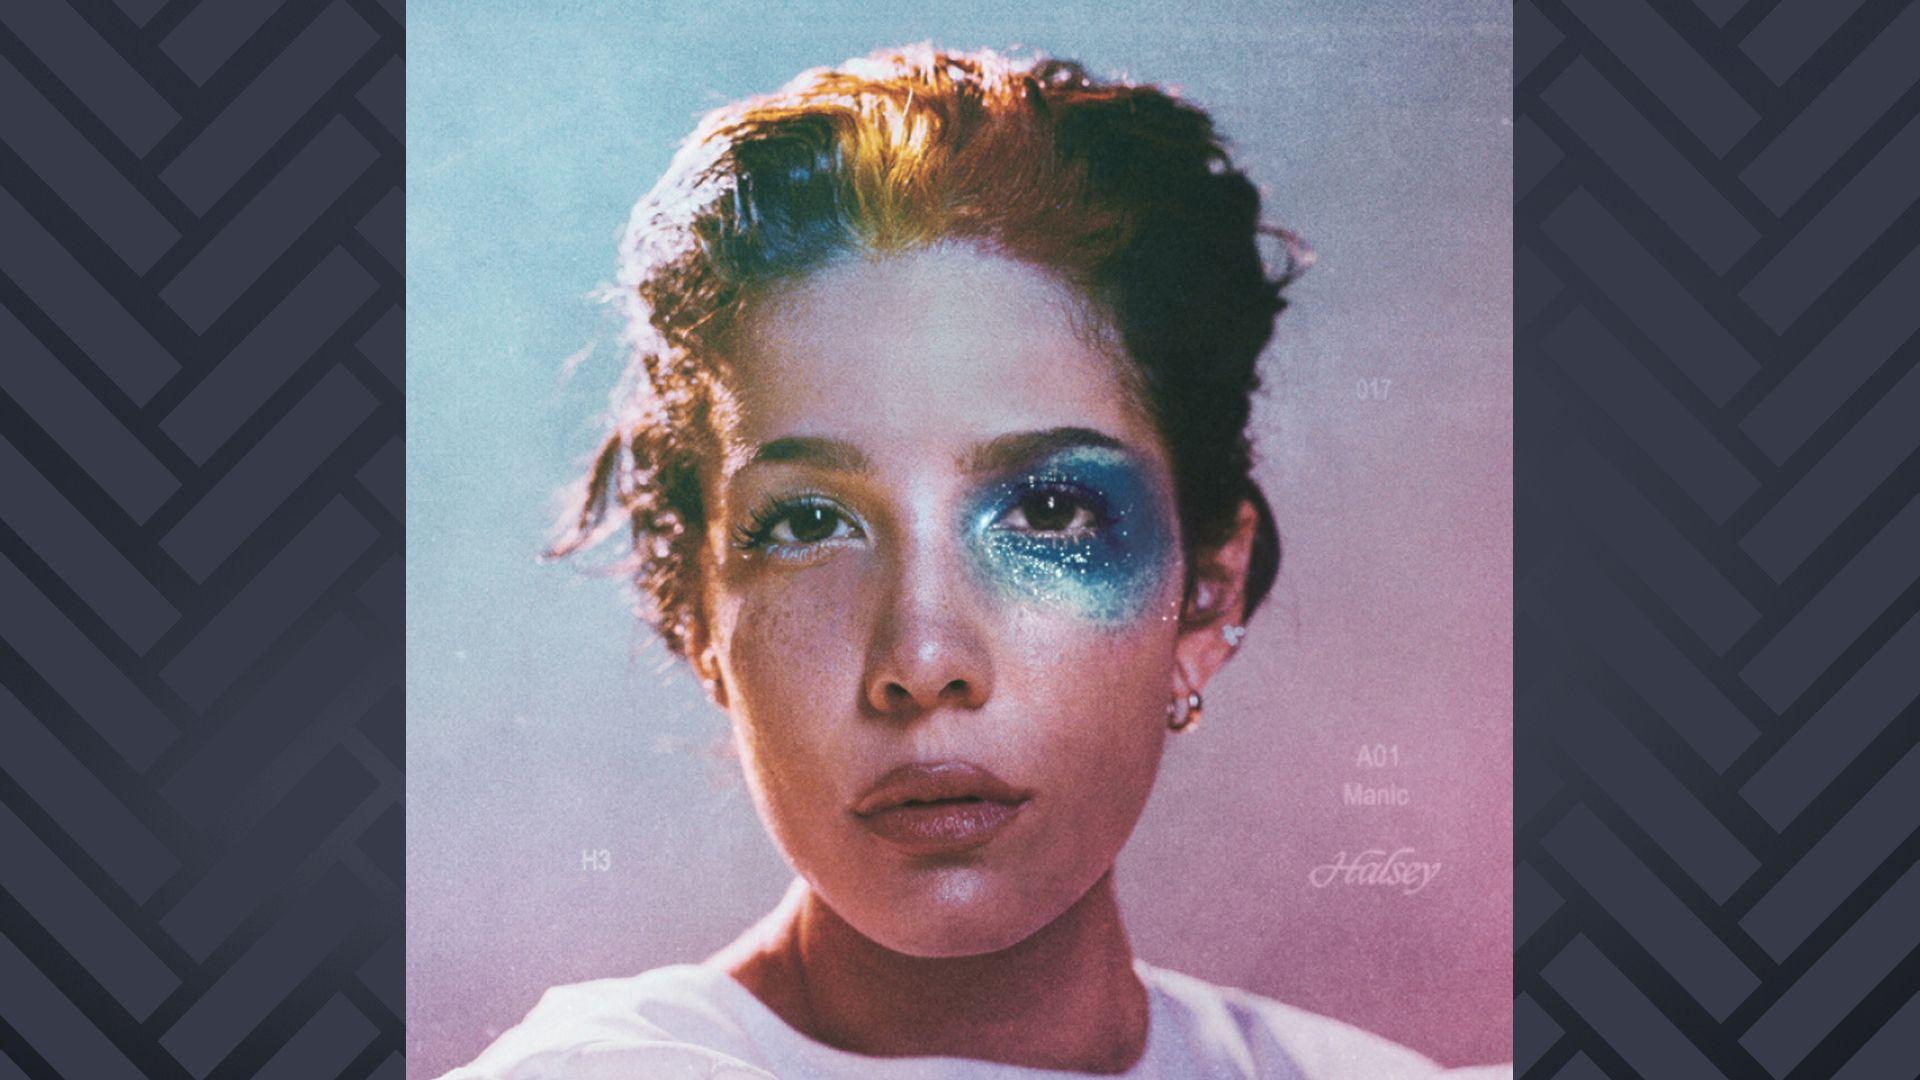 """Album-Cover """"Manic"""" mit einem Porträt der Musikerin Halsey"""